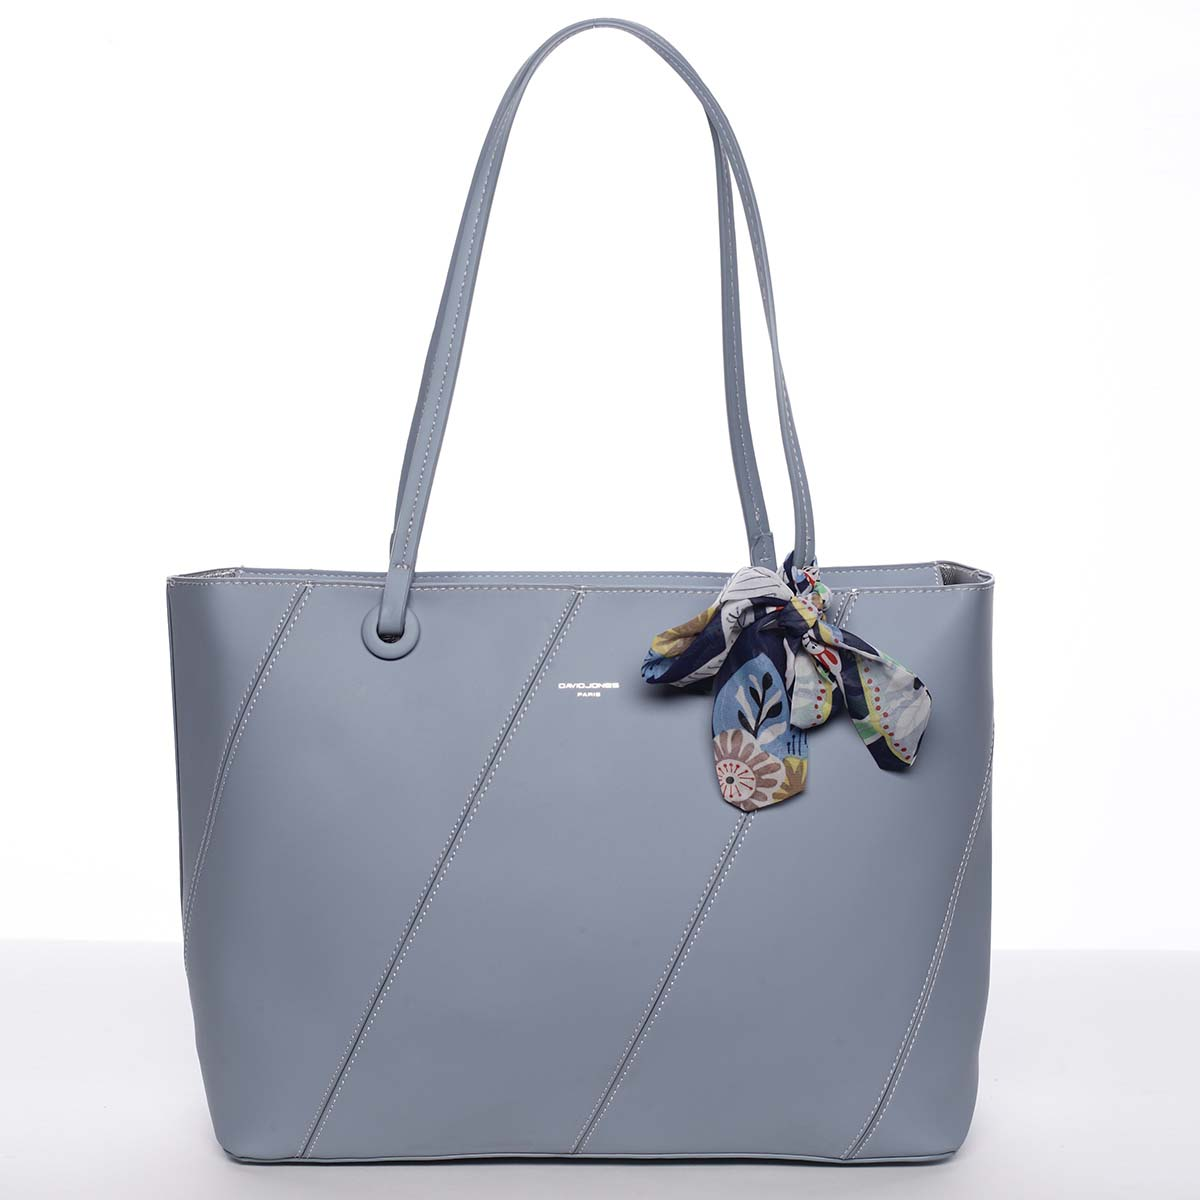 Velká elegantní a originální dámská světle modrá kabelka přes rameno - David Jones Keiko